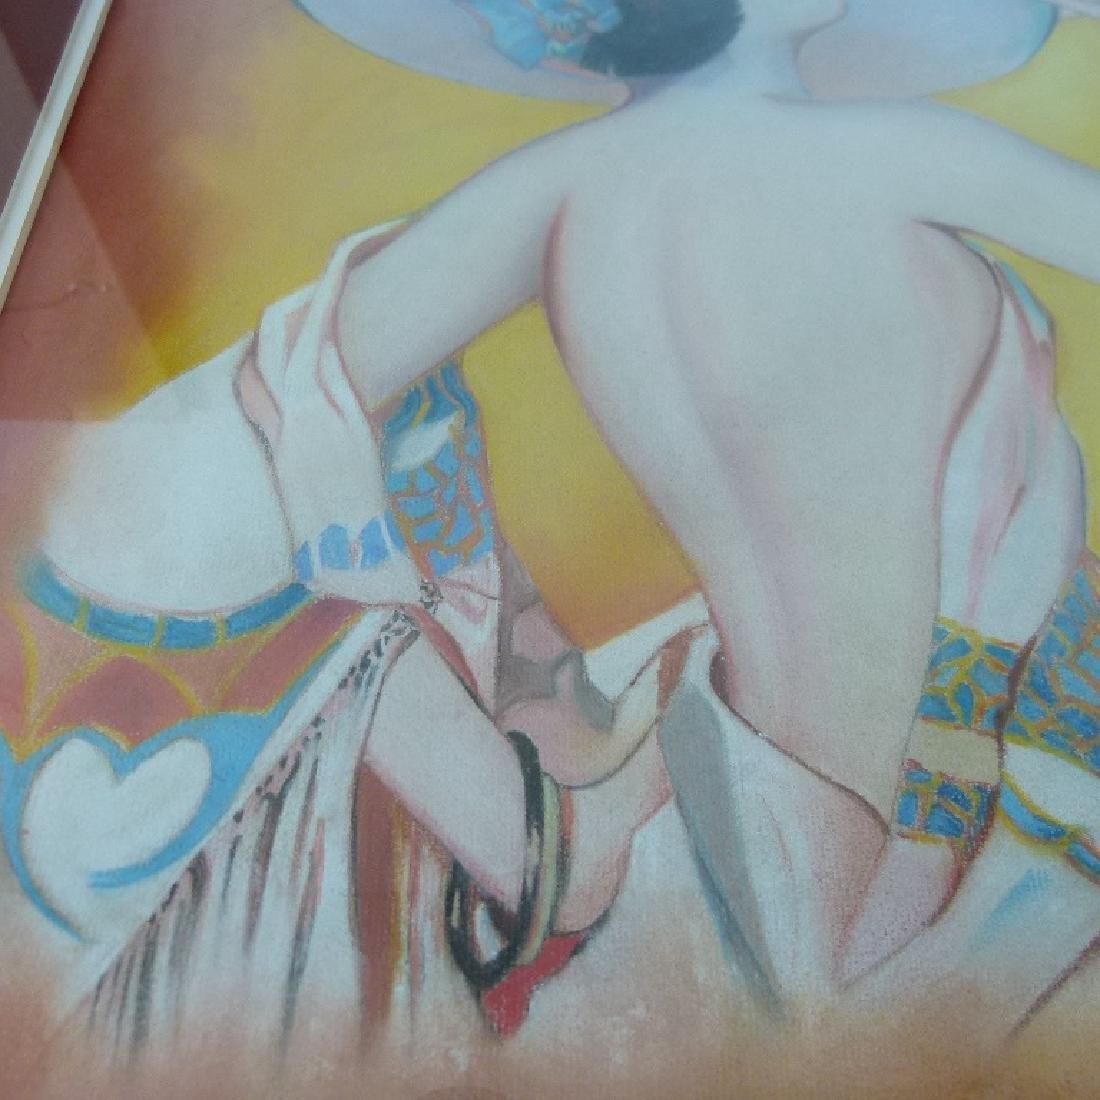 (2) ART DECO PASTELS ART DECO WOMAN SIGNED W. ERICKSON - 8